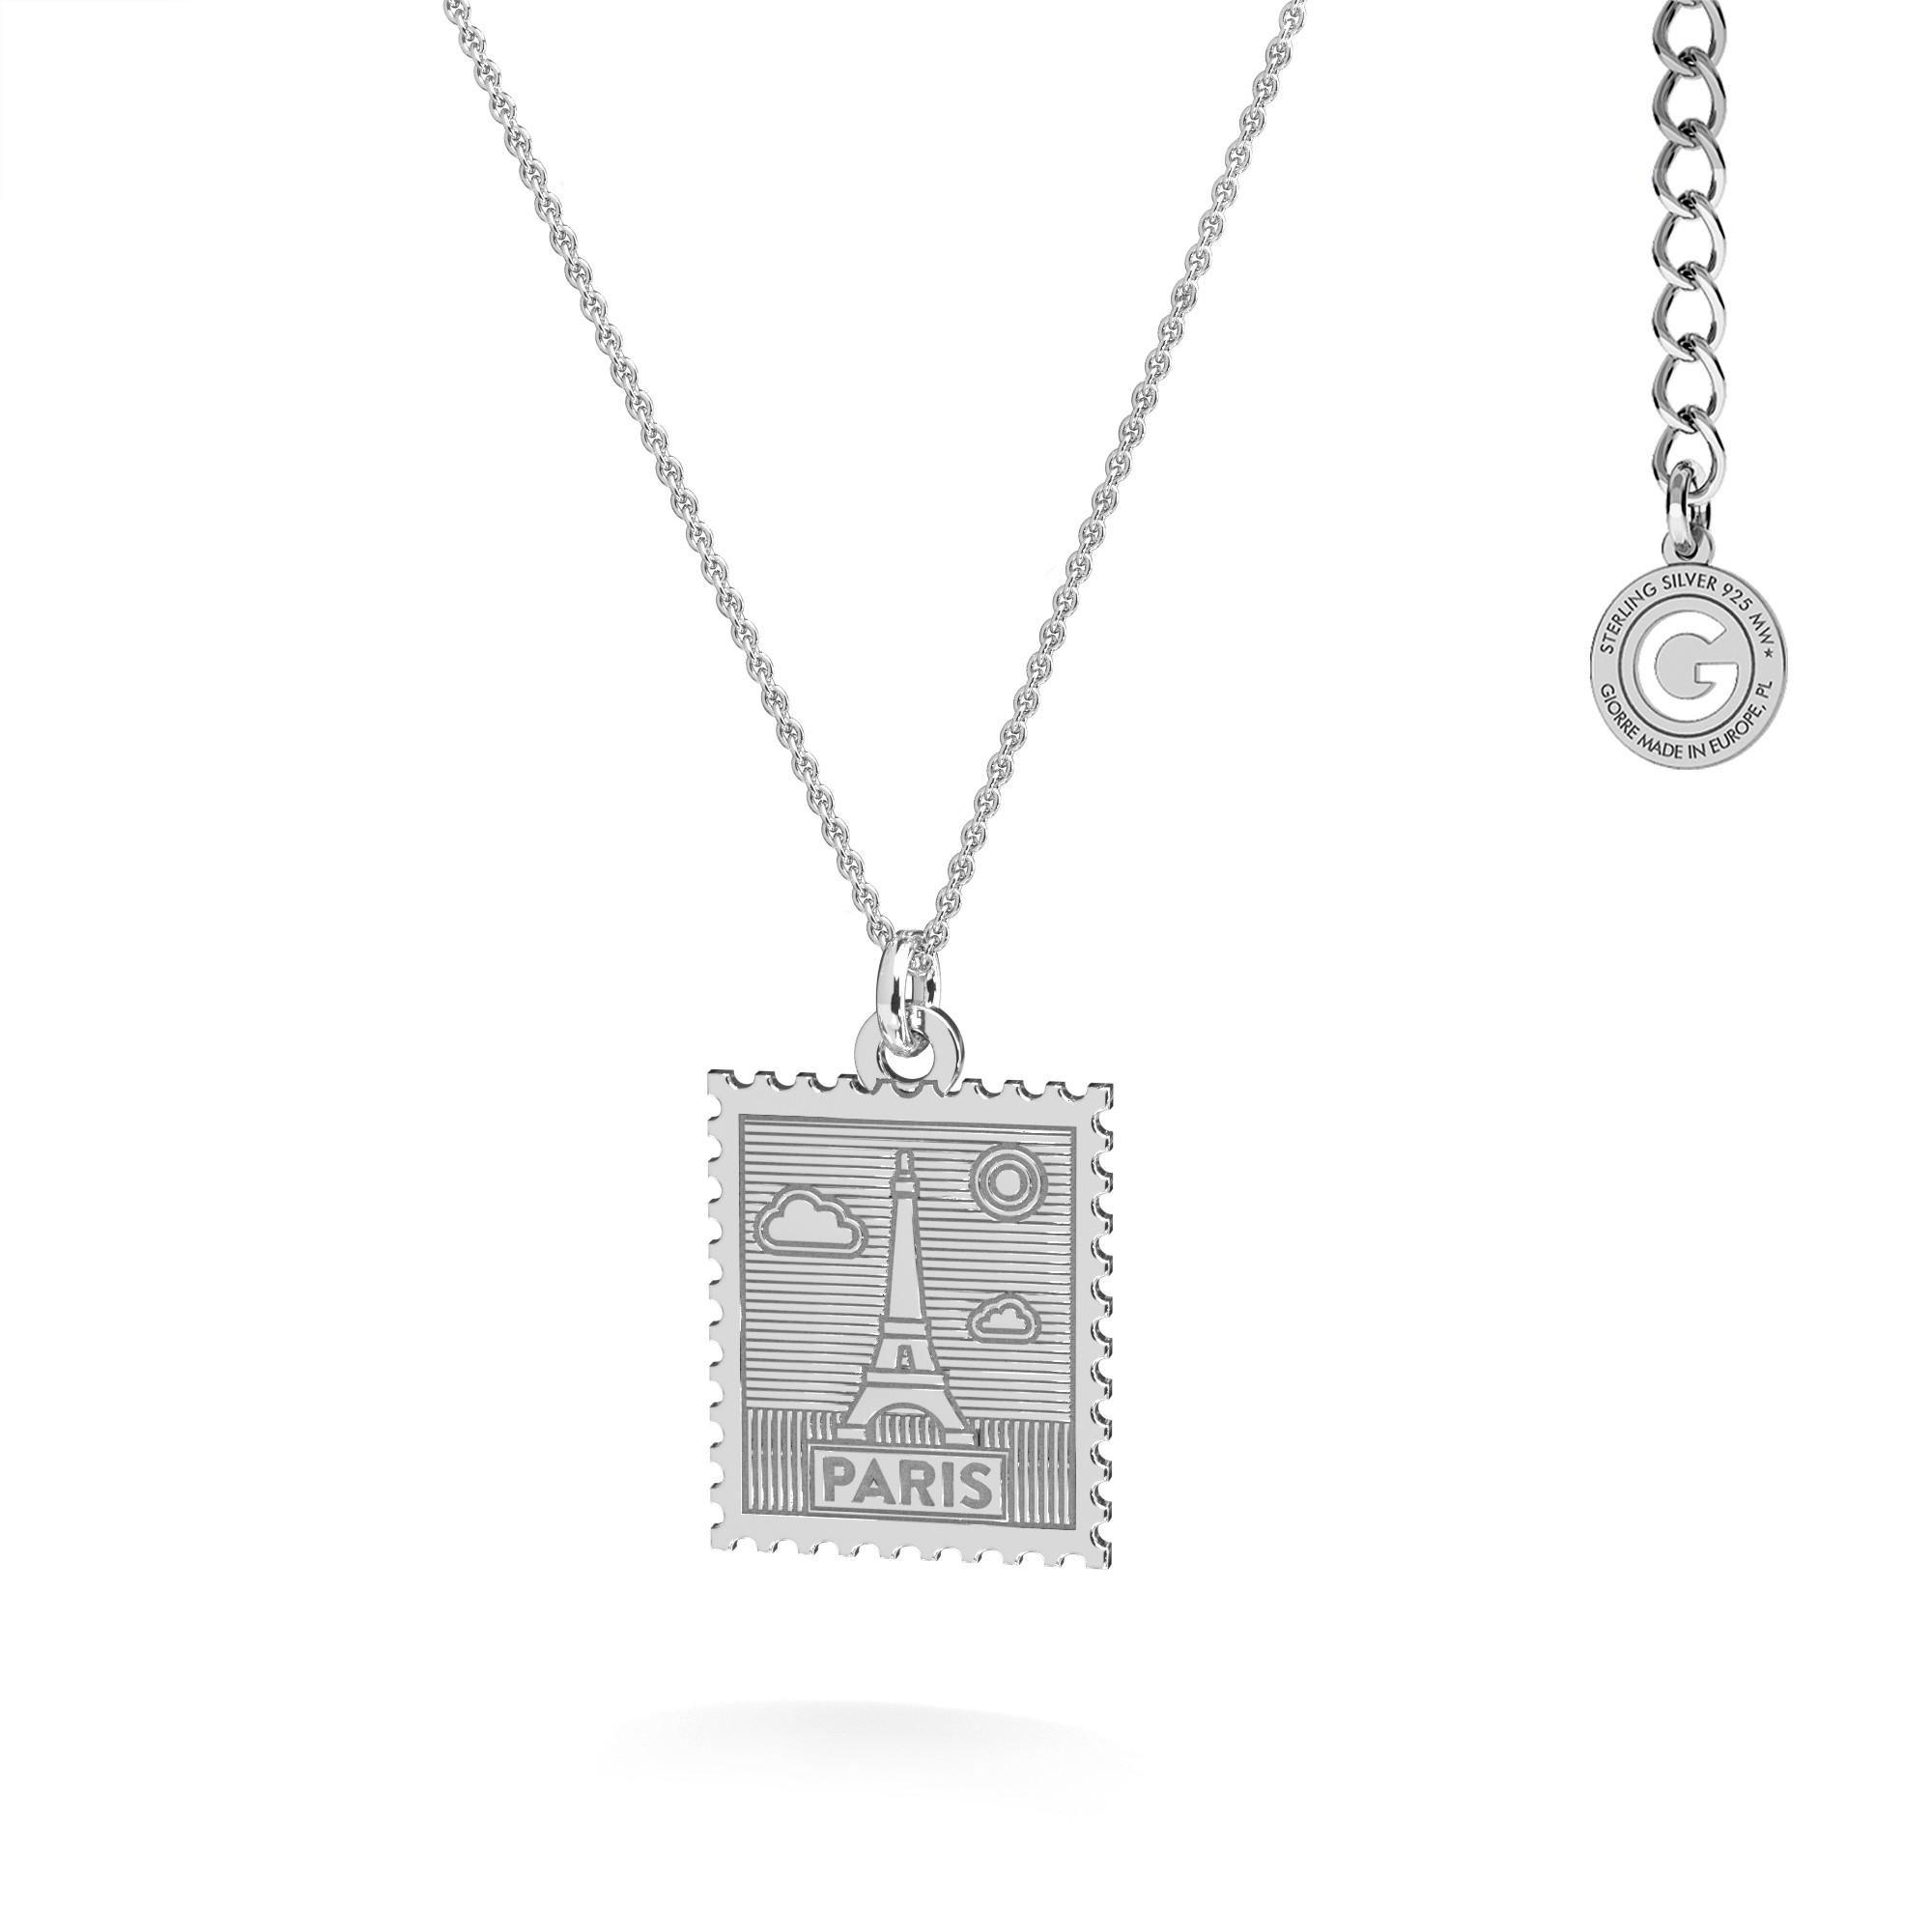 Srebrny naszyjnik znaczek pocztowy z Paryża, srebro 925